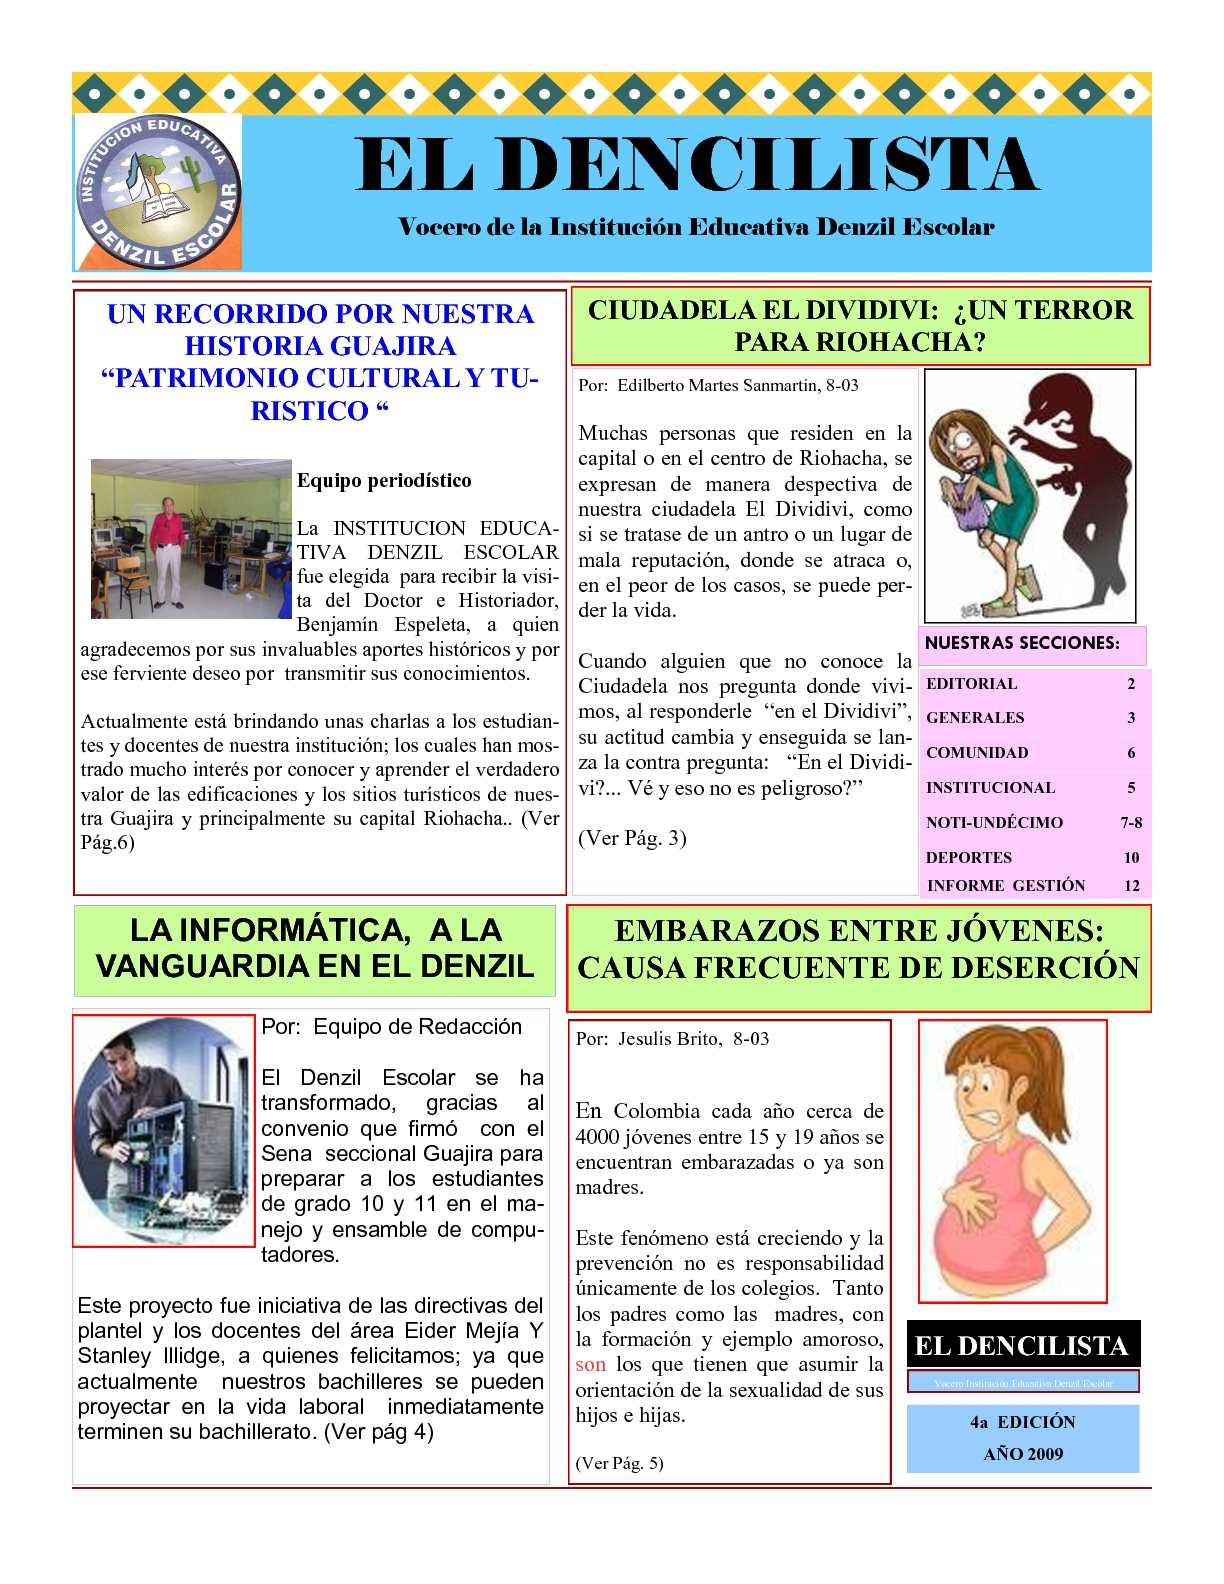 Calam o peri dico escolar dencilista 2009 for Ejemplo de una editorial de un periodico mural